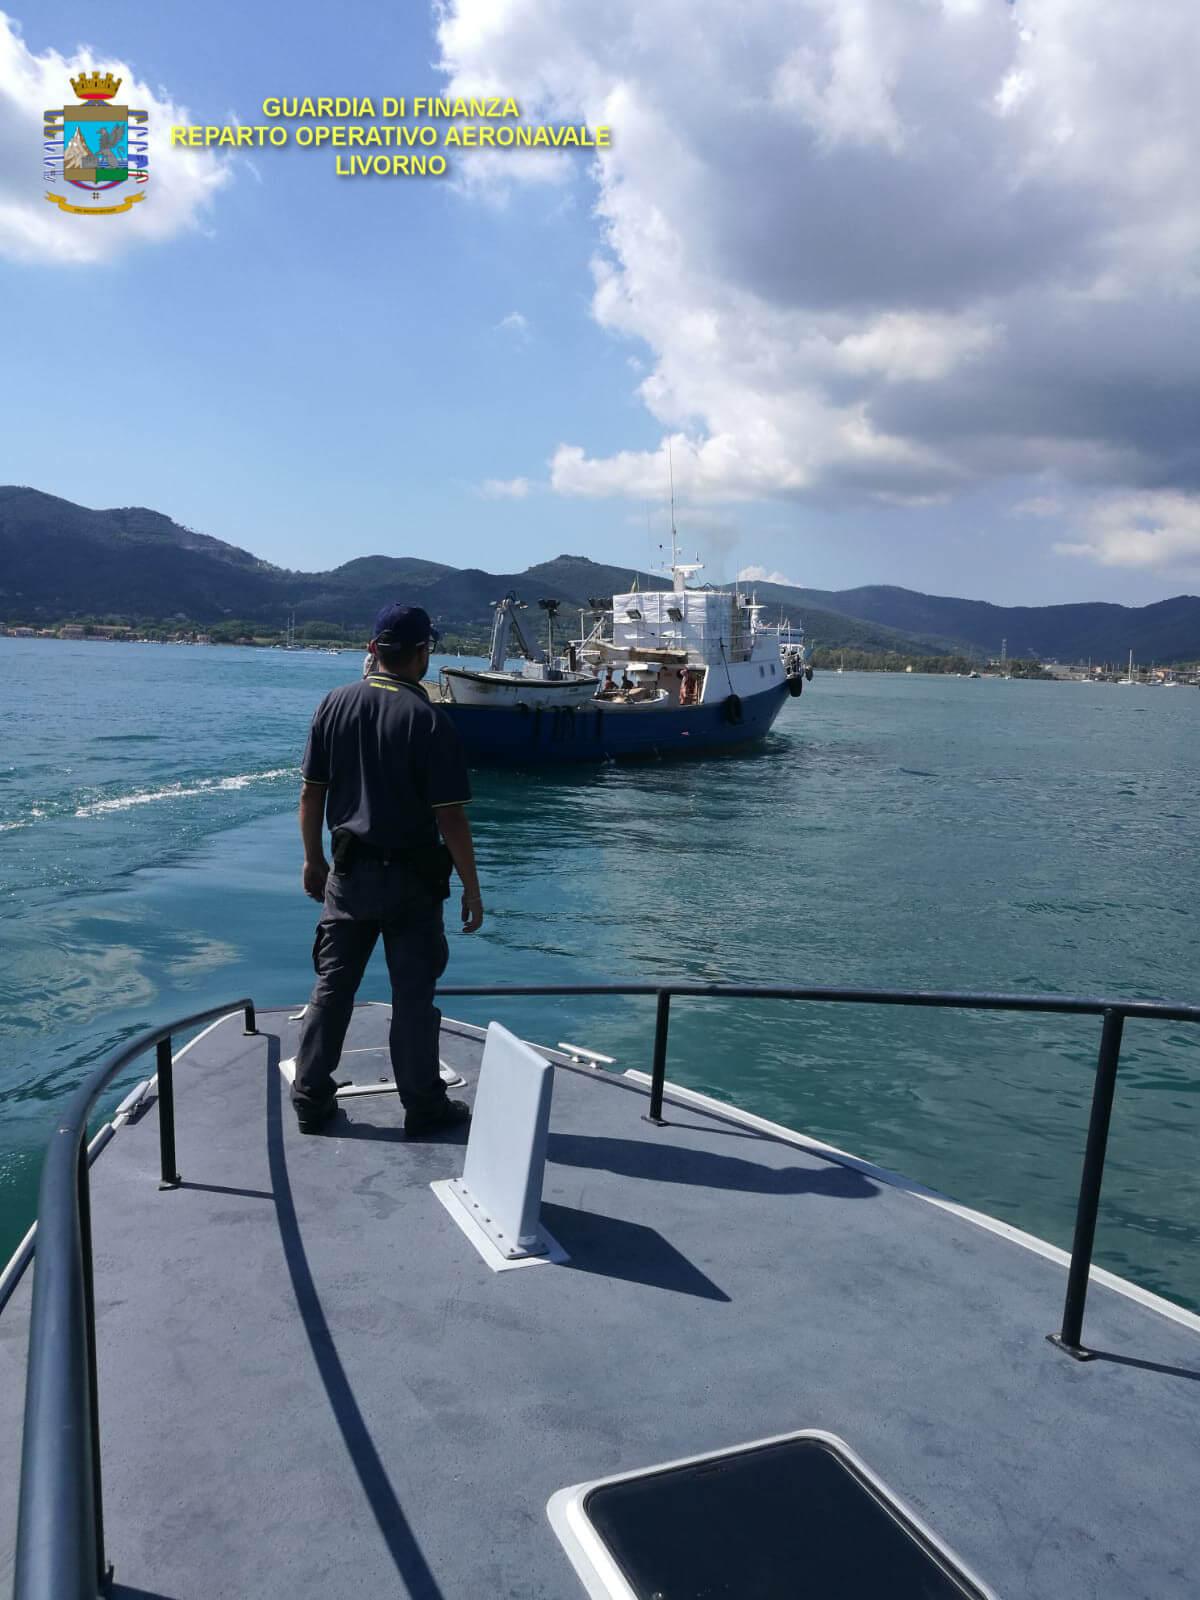 Lavoratori irregolari a bordo di imbarcazioni, i controlli del Roan a Portoferraio